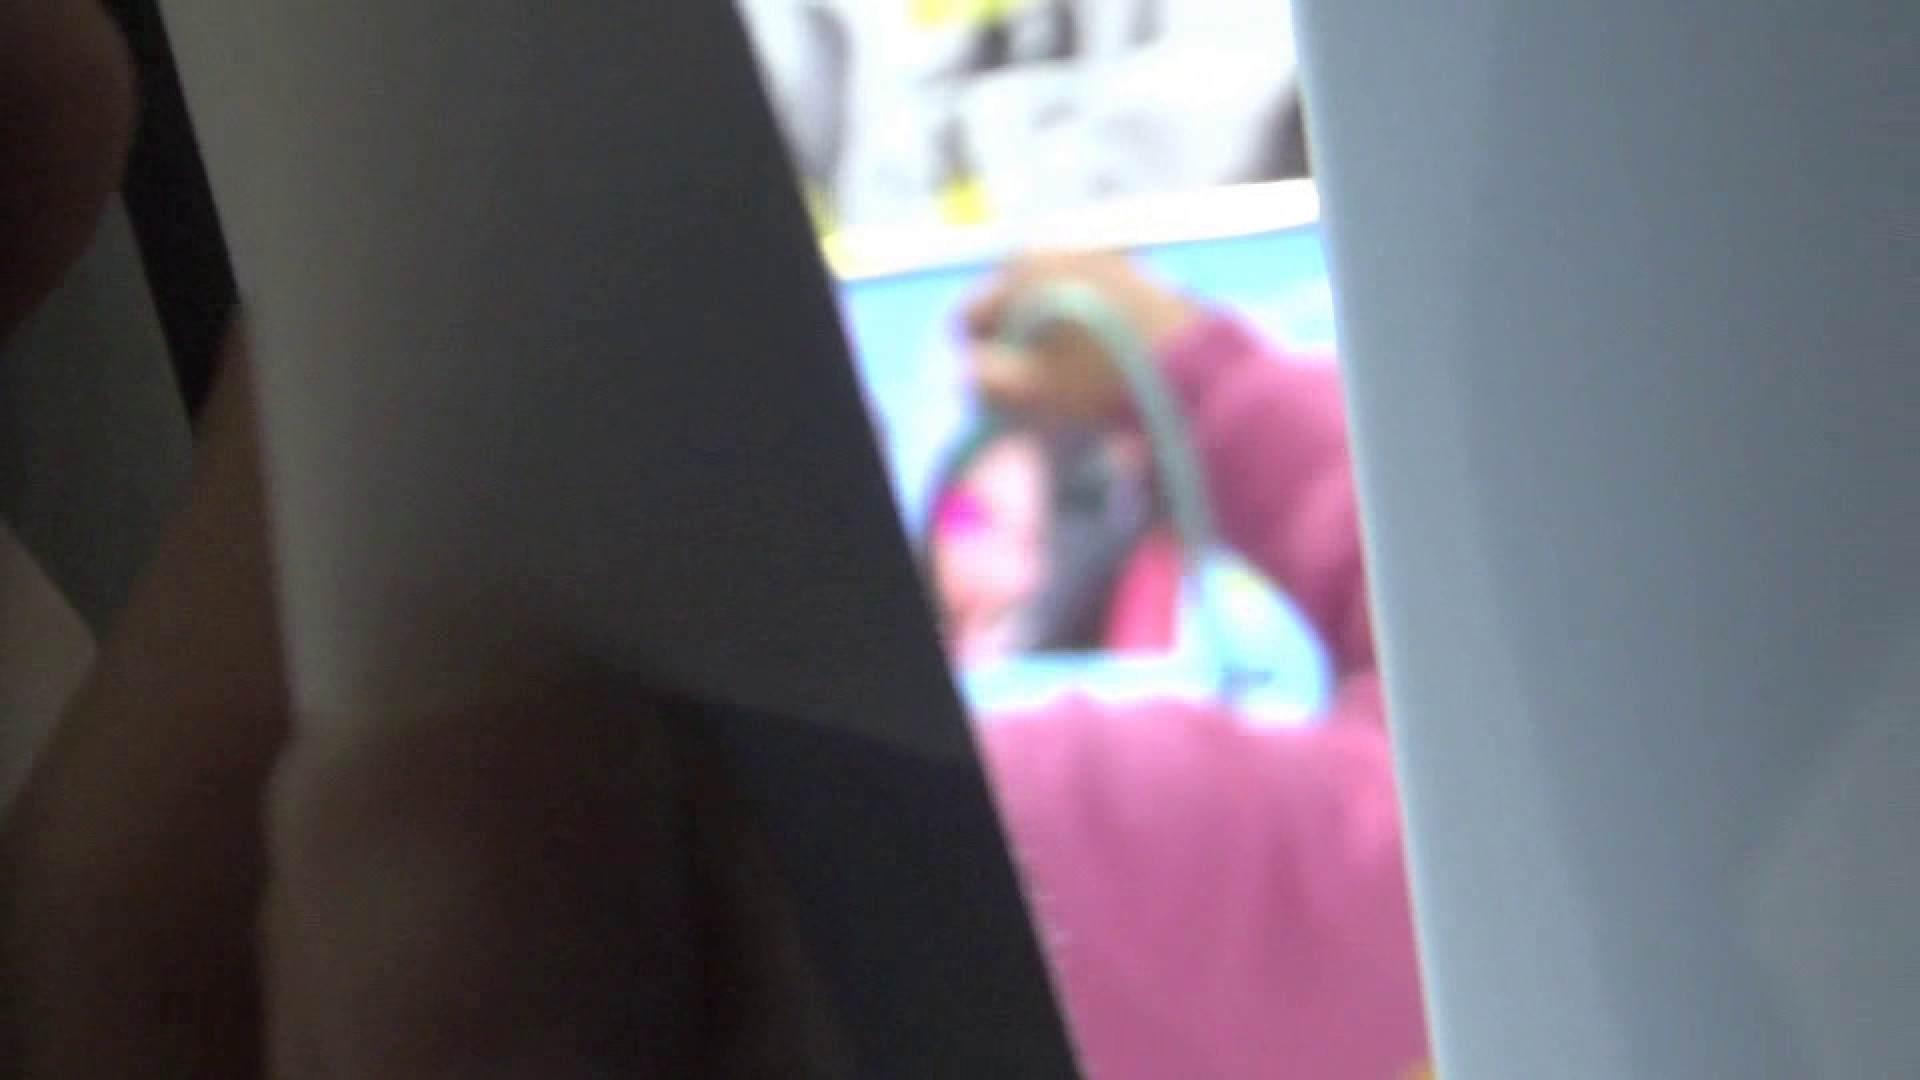 現役ギャル盗撮師 hana様のプリクラ潜入!制服Pチラ!Vol.1 制服 われめAV動画紹介 9枚 5